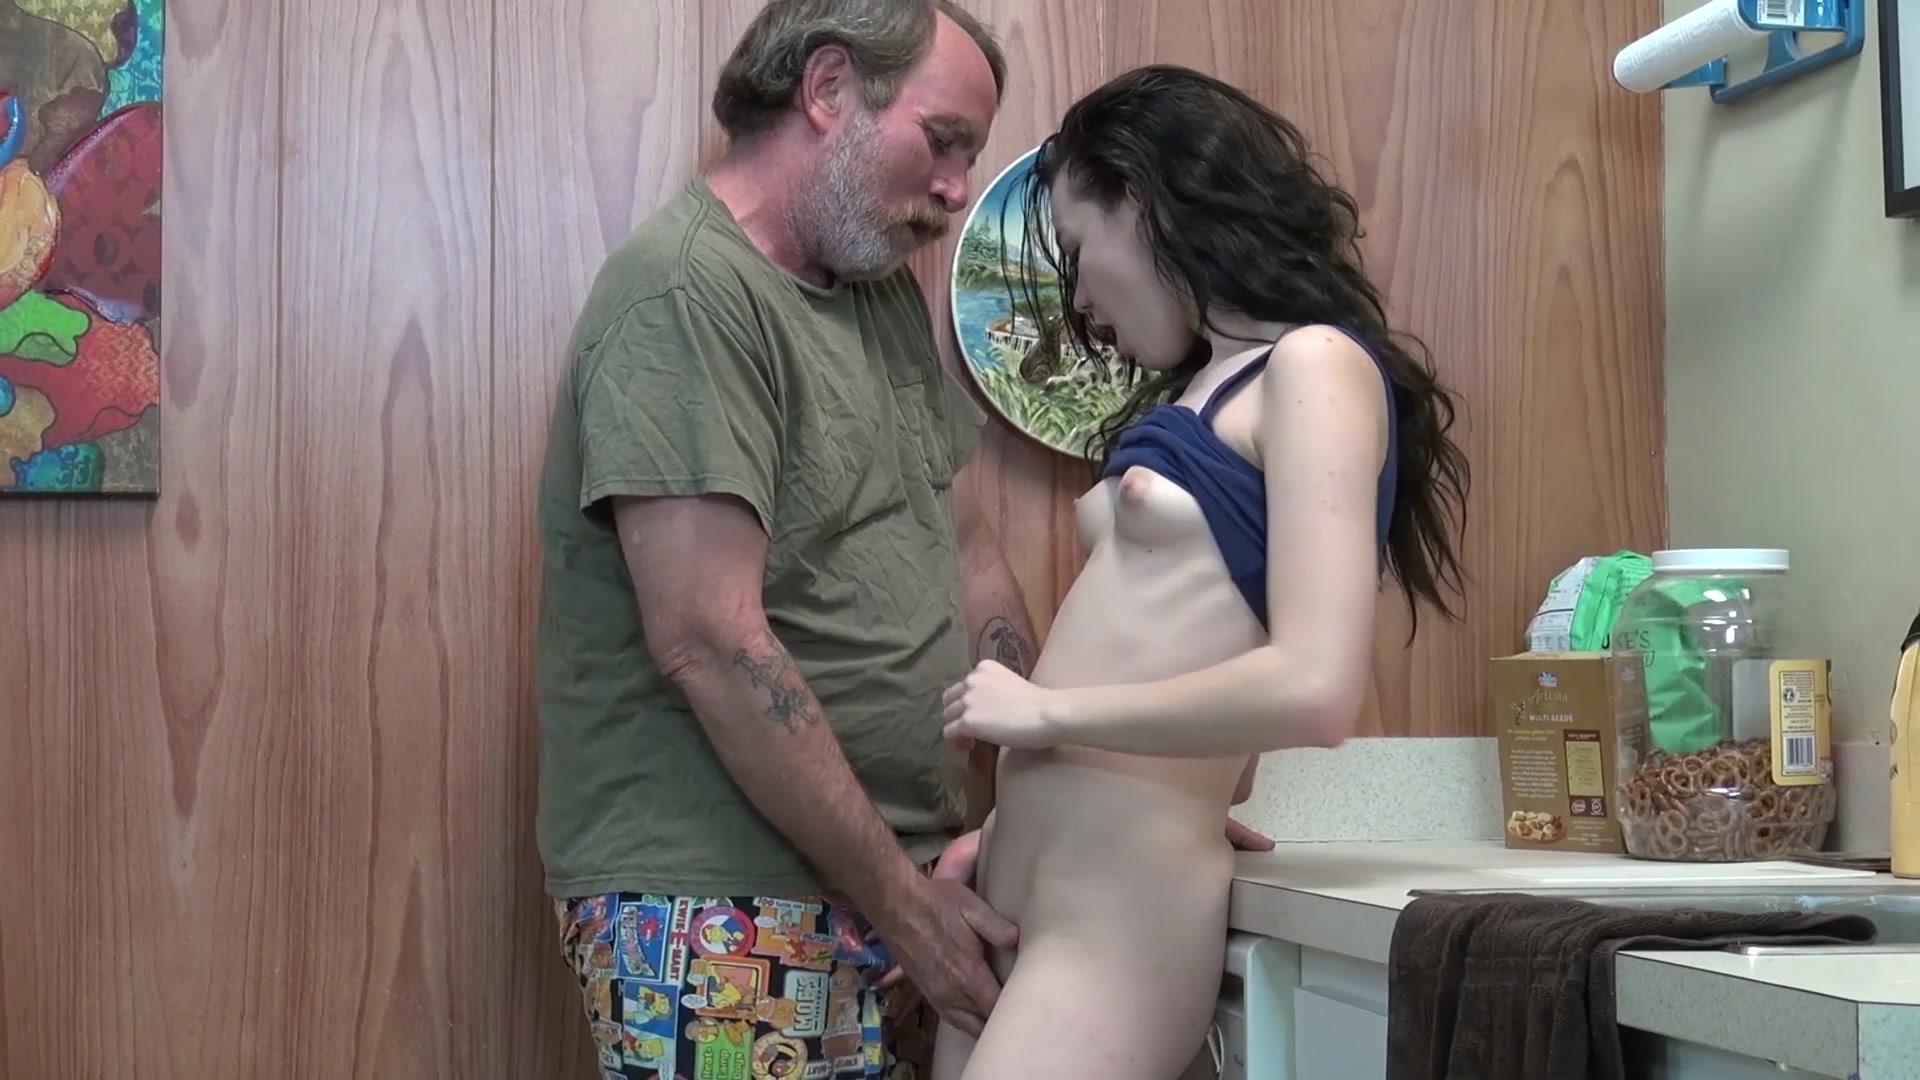 Porn stories mom orel sex pics